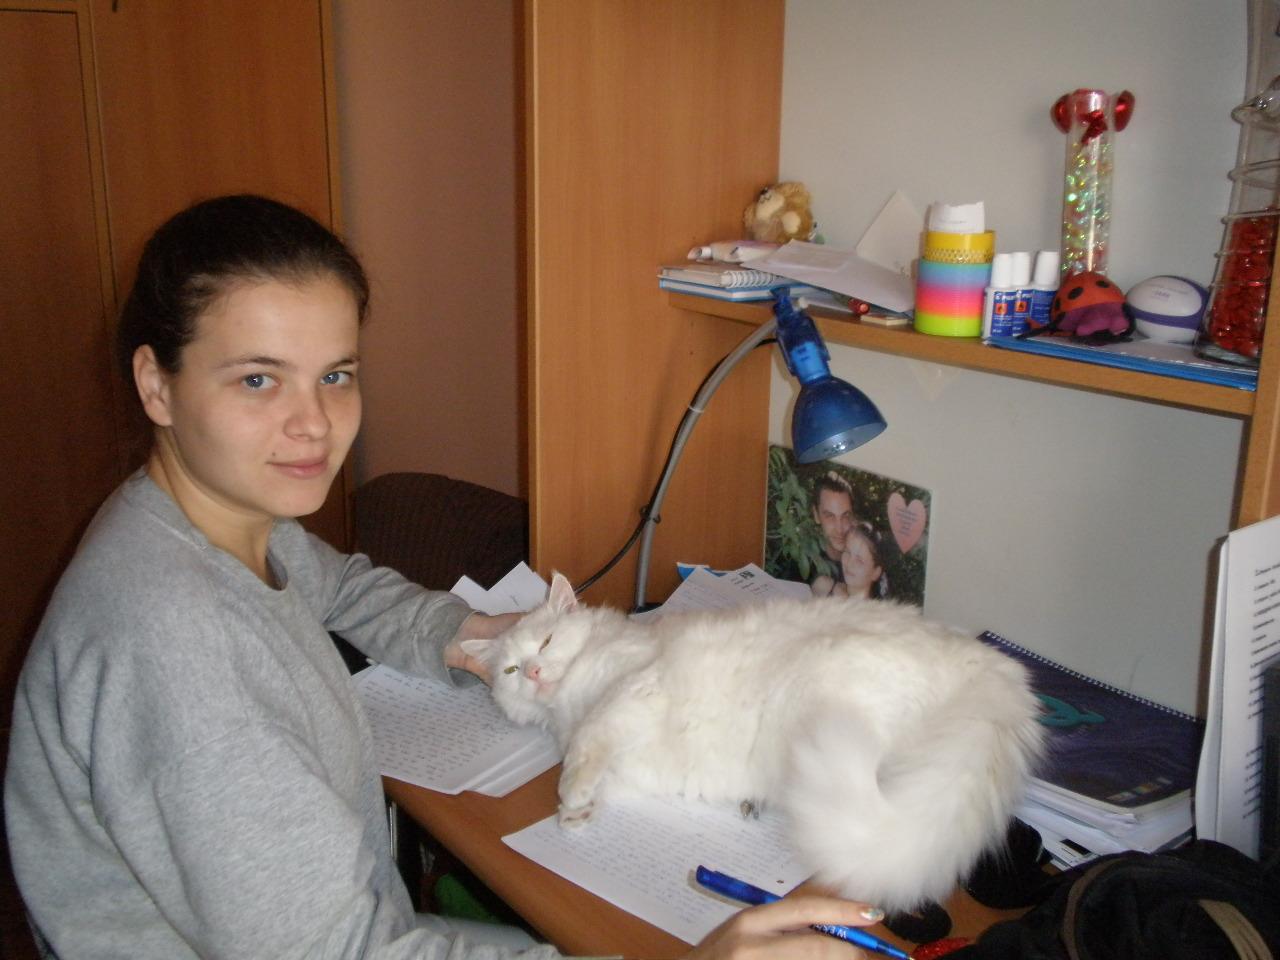 Сидеть на подруге онлайн 12 фотография